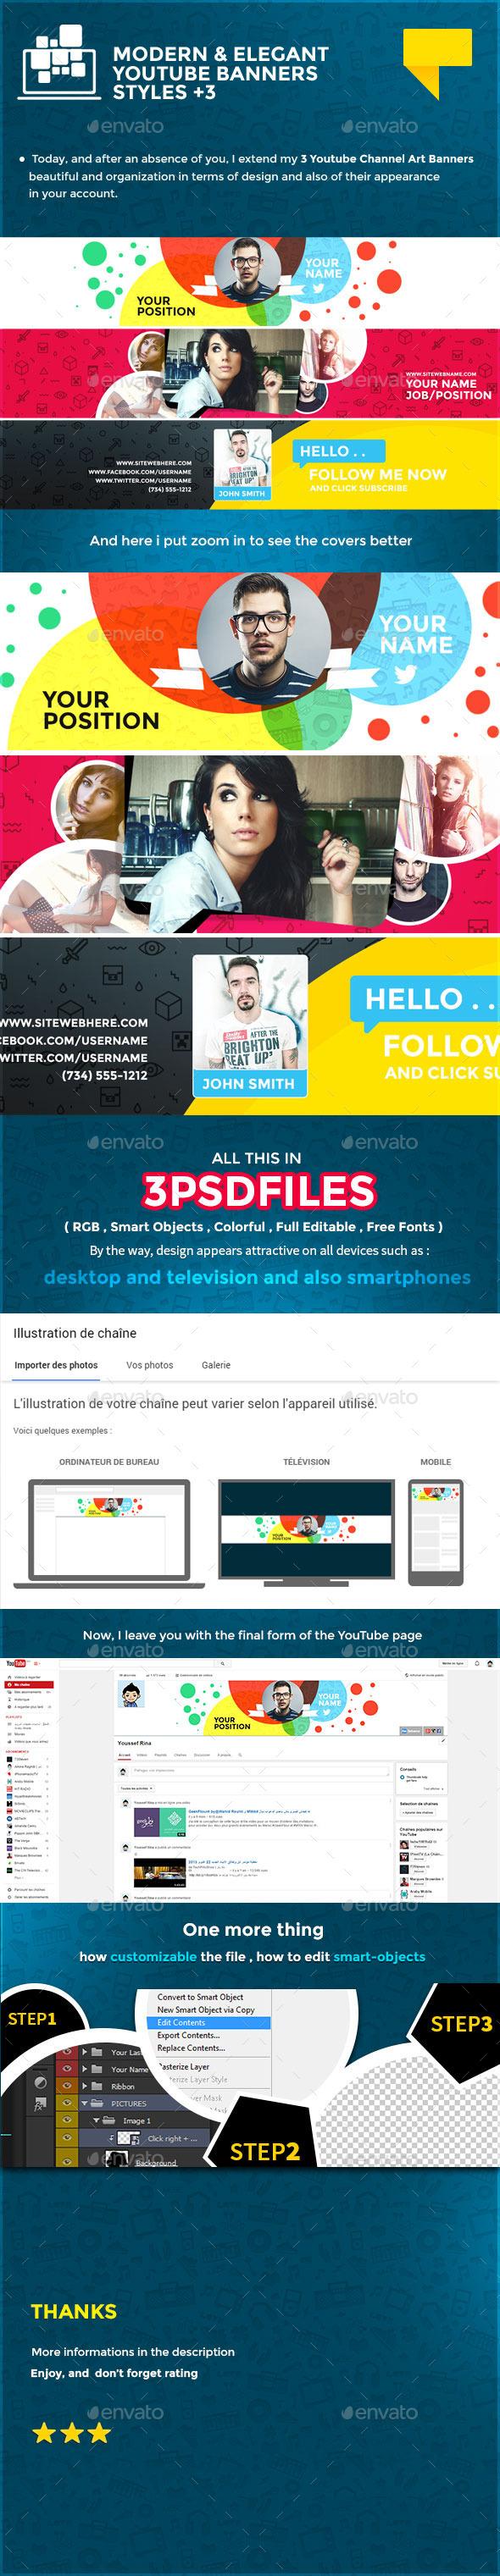 3 Elegant Youtube Banners - YouTube Social Media